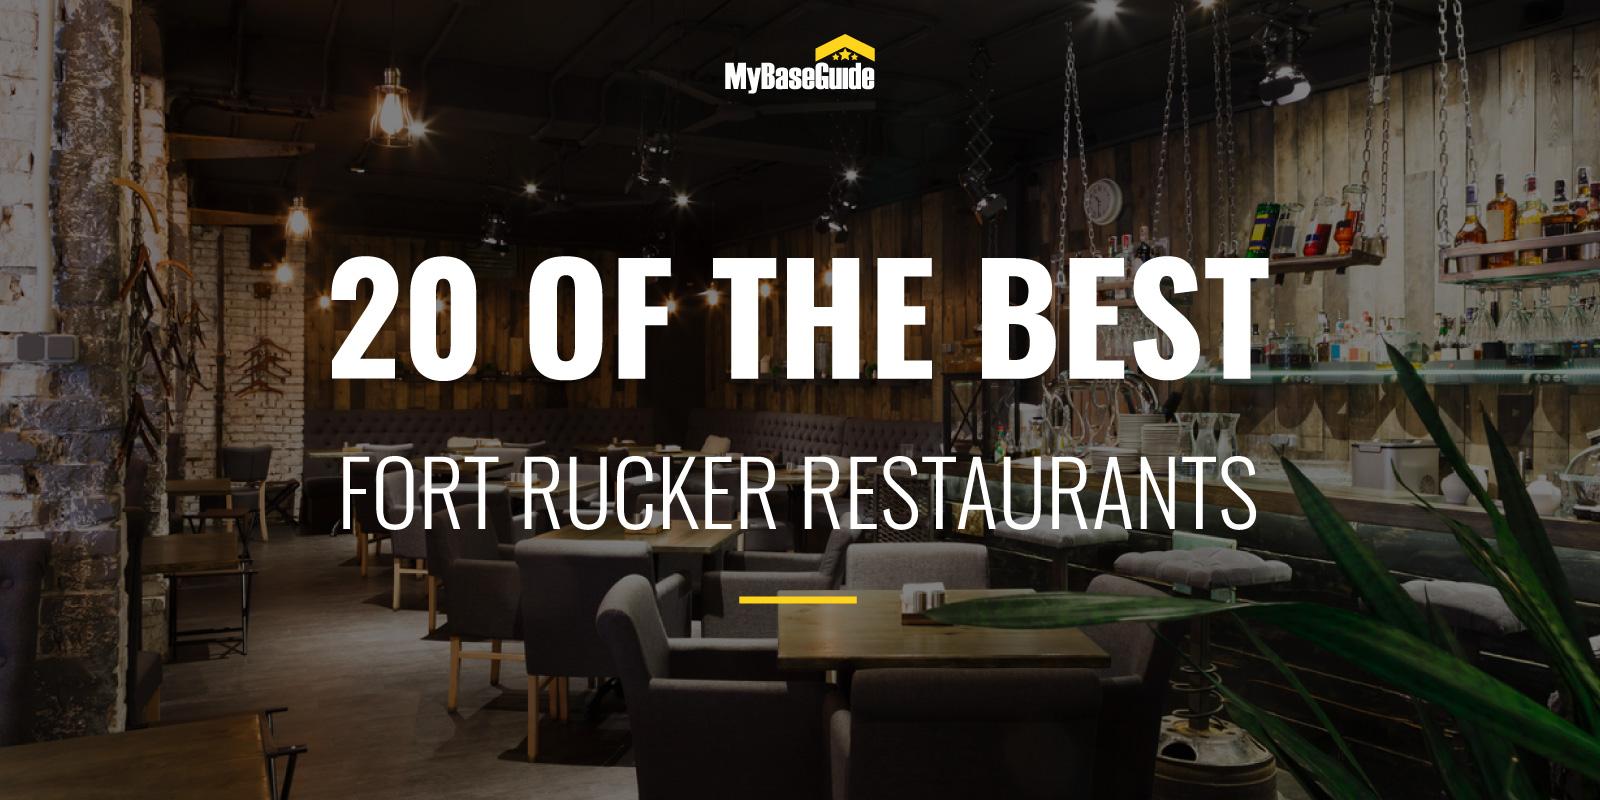 20 of the Best Fort Rucker Restaurants